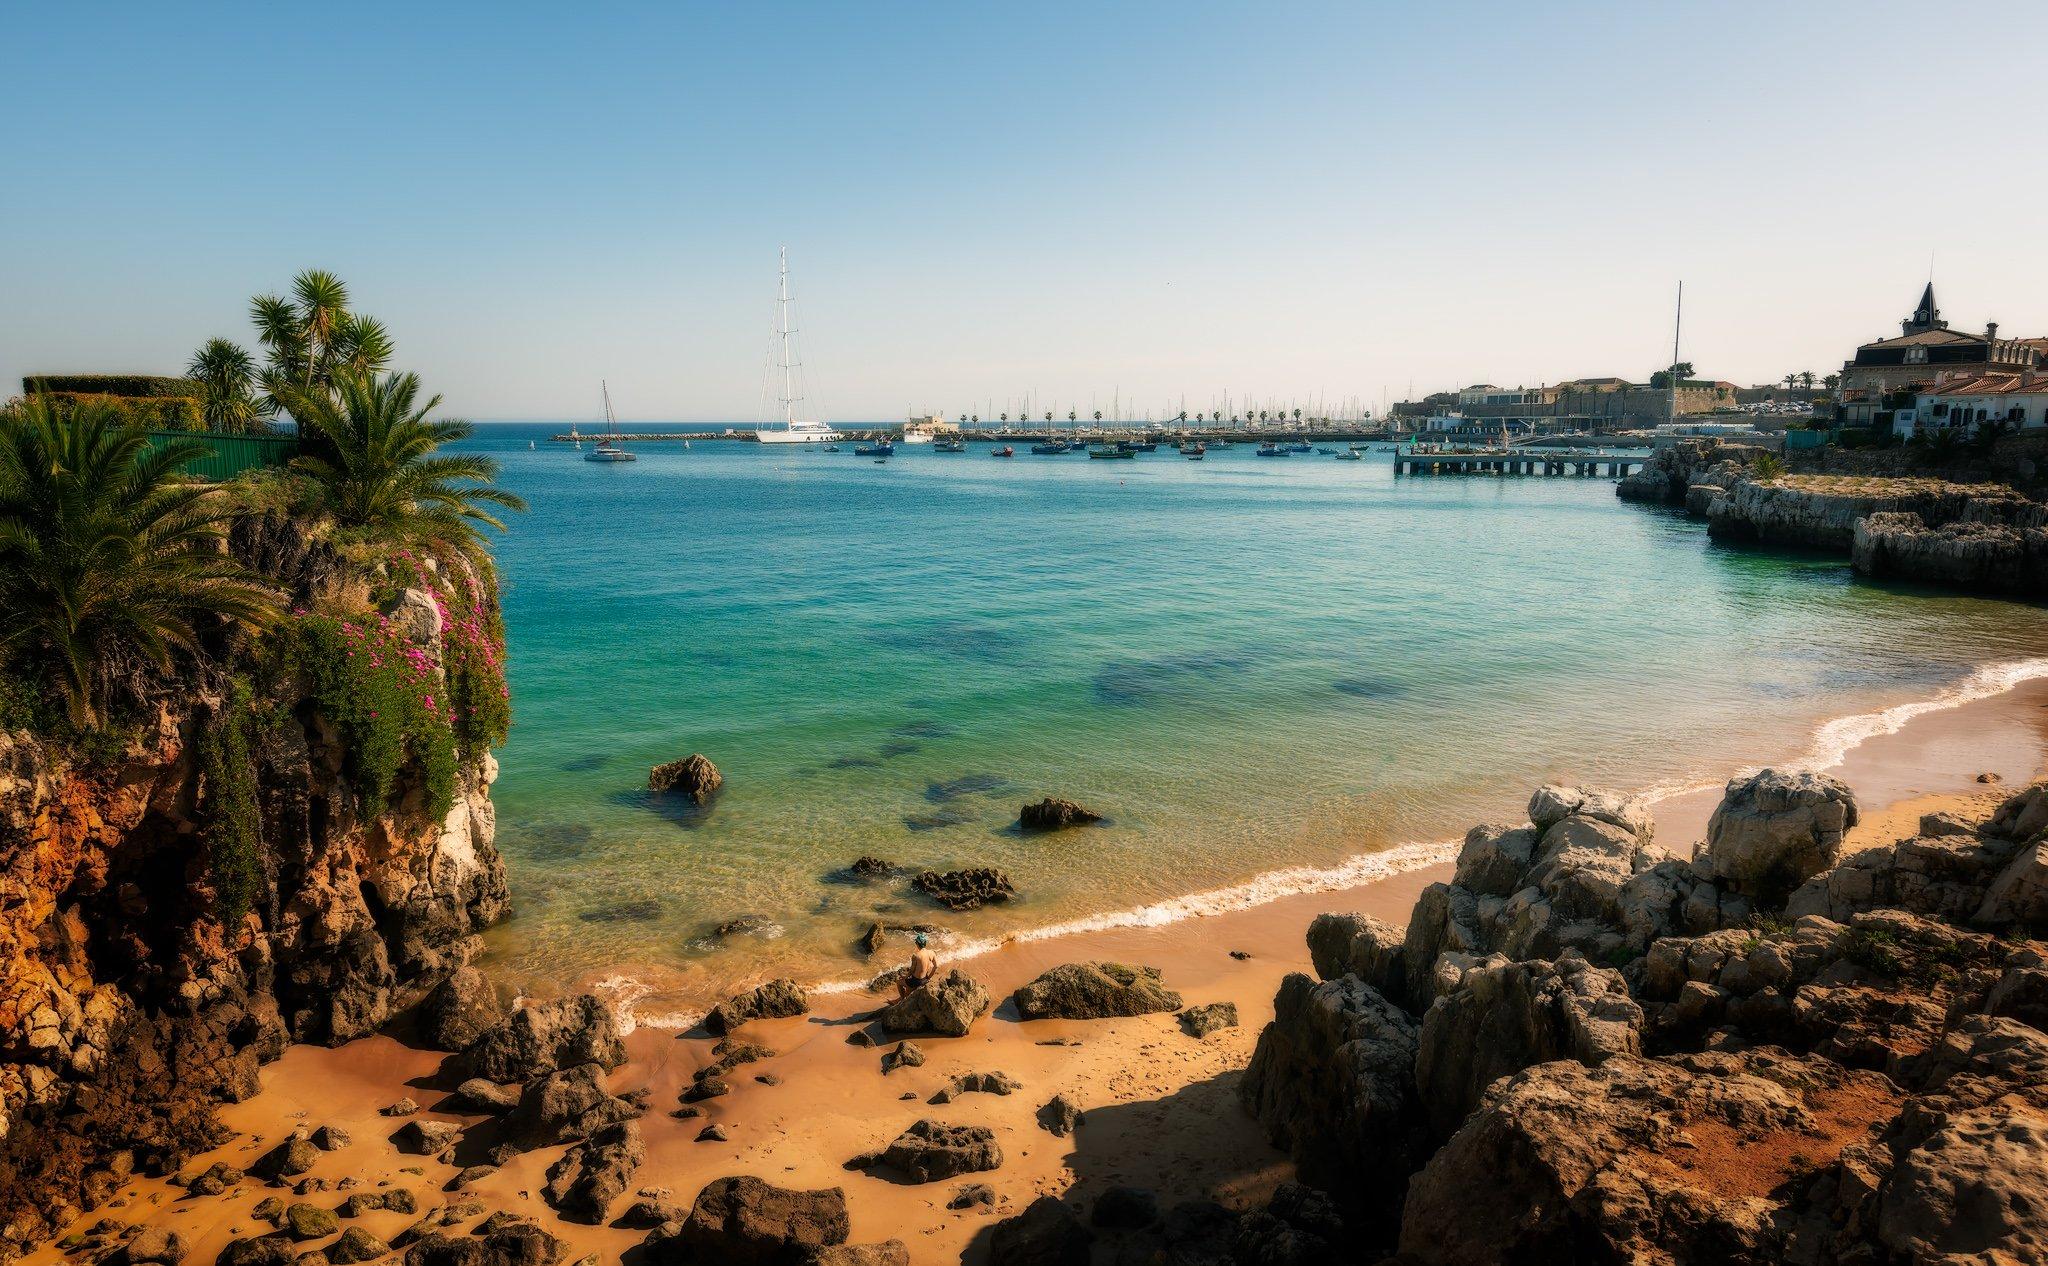 Cascais tijdens een zonnige dag - Praia da Rainha (Strand van de koningin); Portugal.